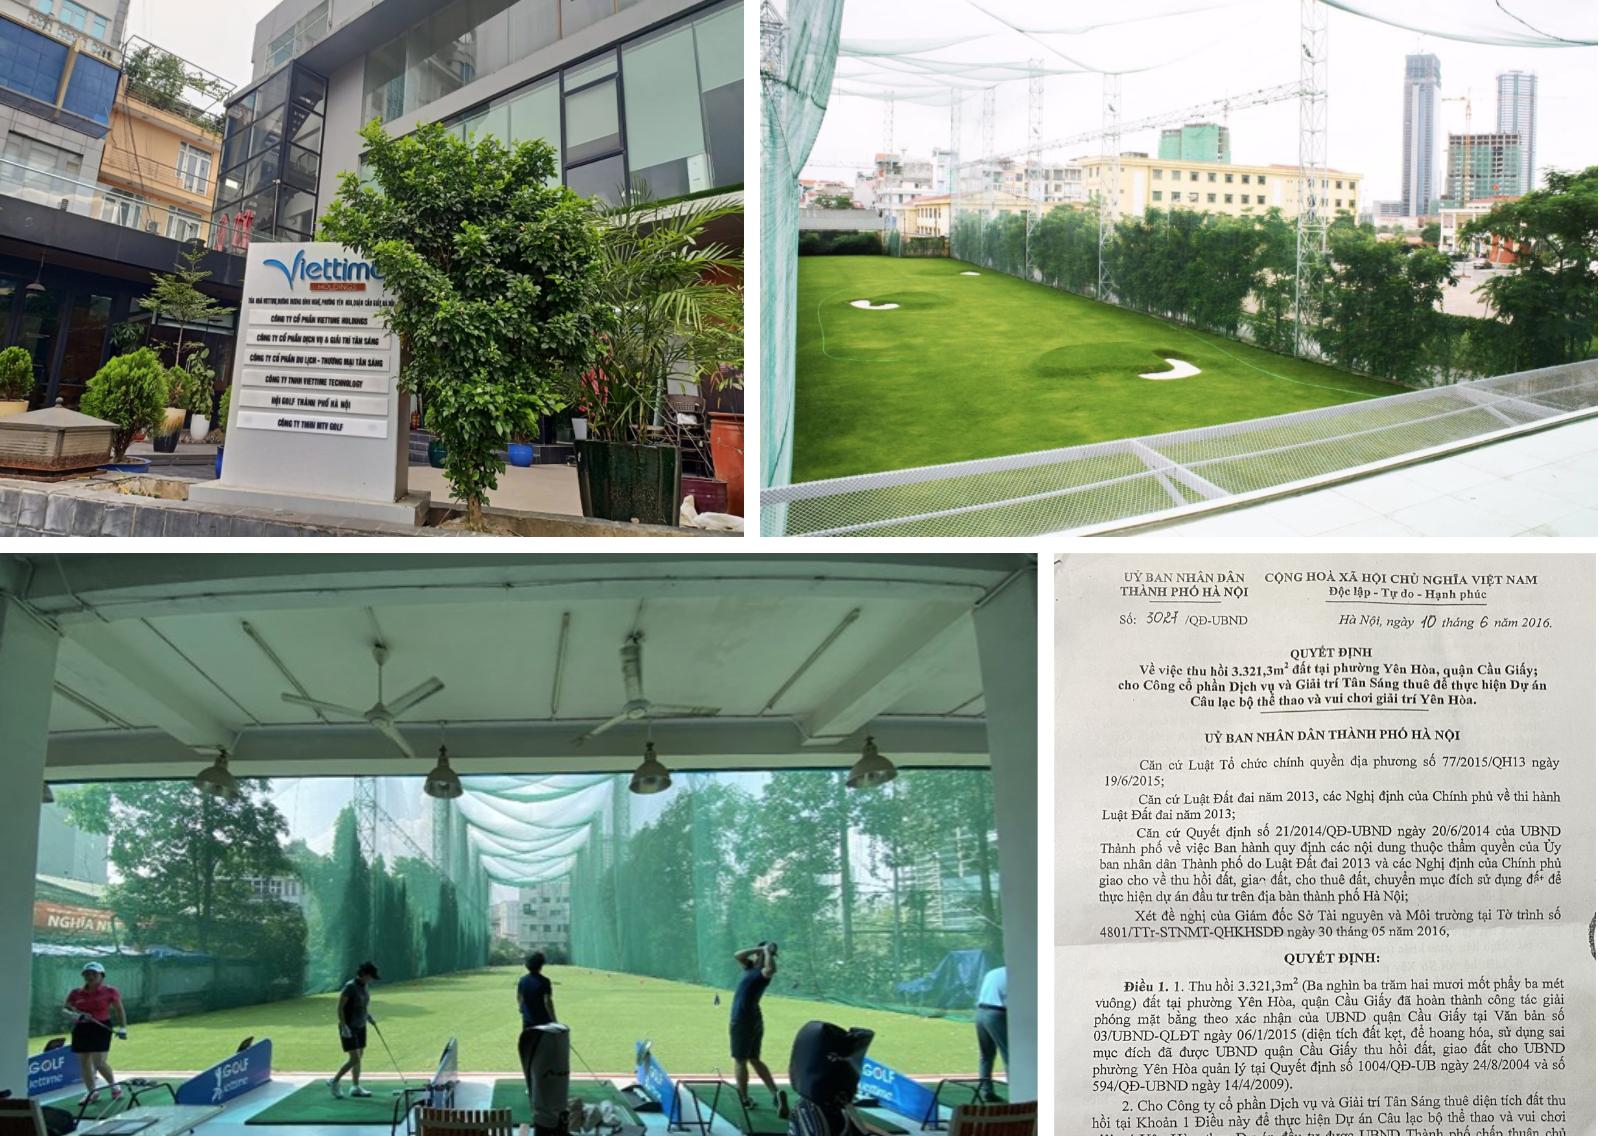 Bài học quản lý đất đai nhìn từ dự án CLB Thể thao & Vui chơi giải trí Yên Hoà